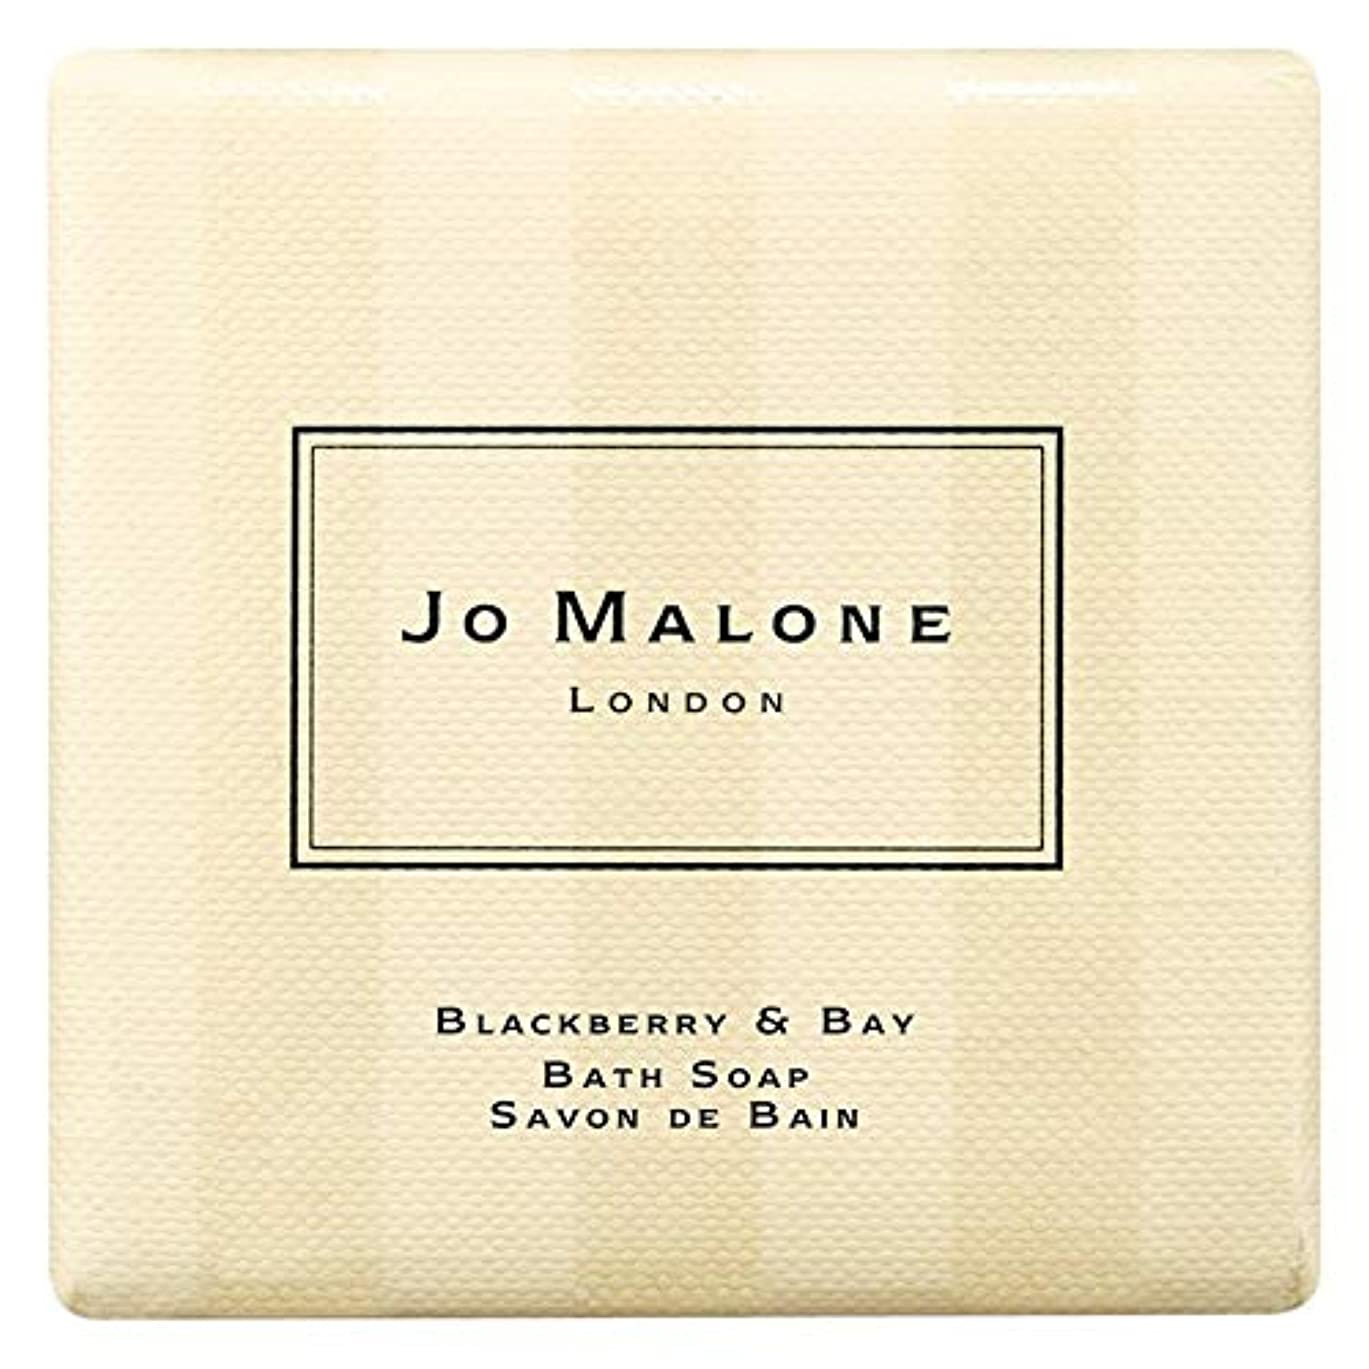 ファン慣れる小学生[Jo Malone] ジョーマローンロンドンブラックベリー&ベイ入浴石鹸100グラム - Jo Malone London Blackberry & Bay Bath Soap 100g [並行輸入品]